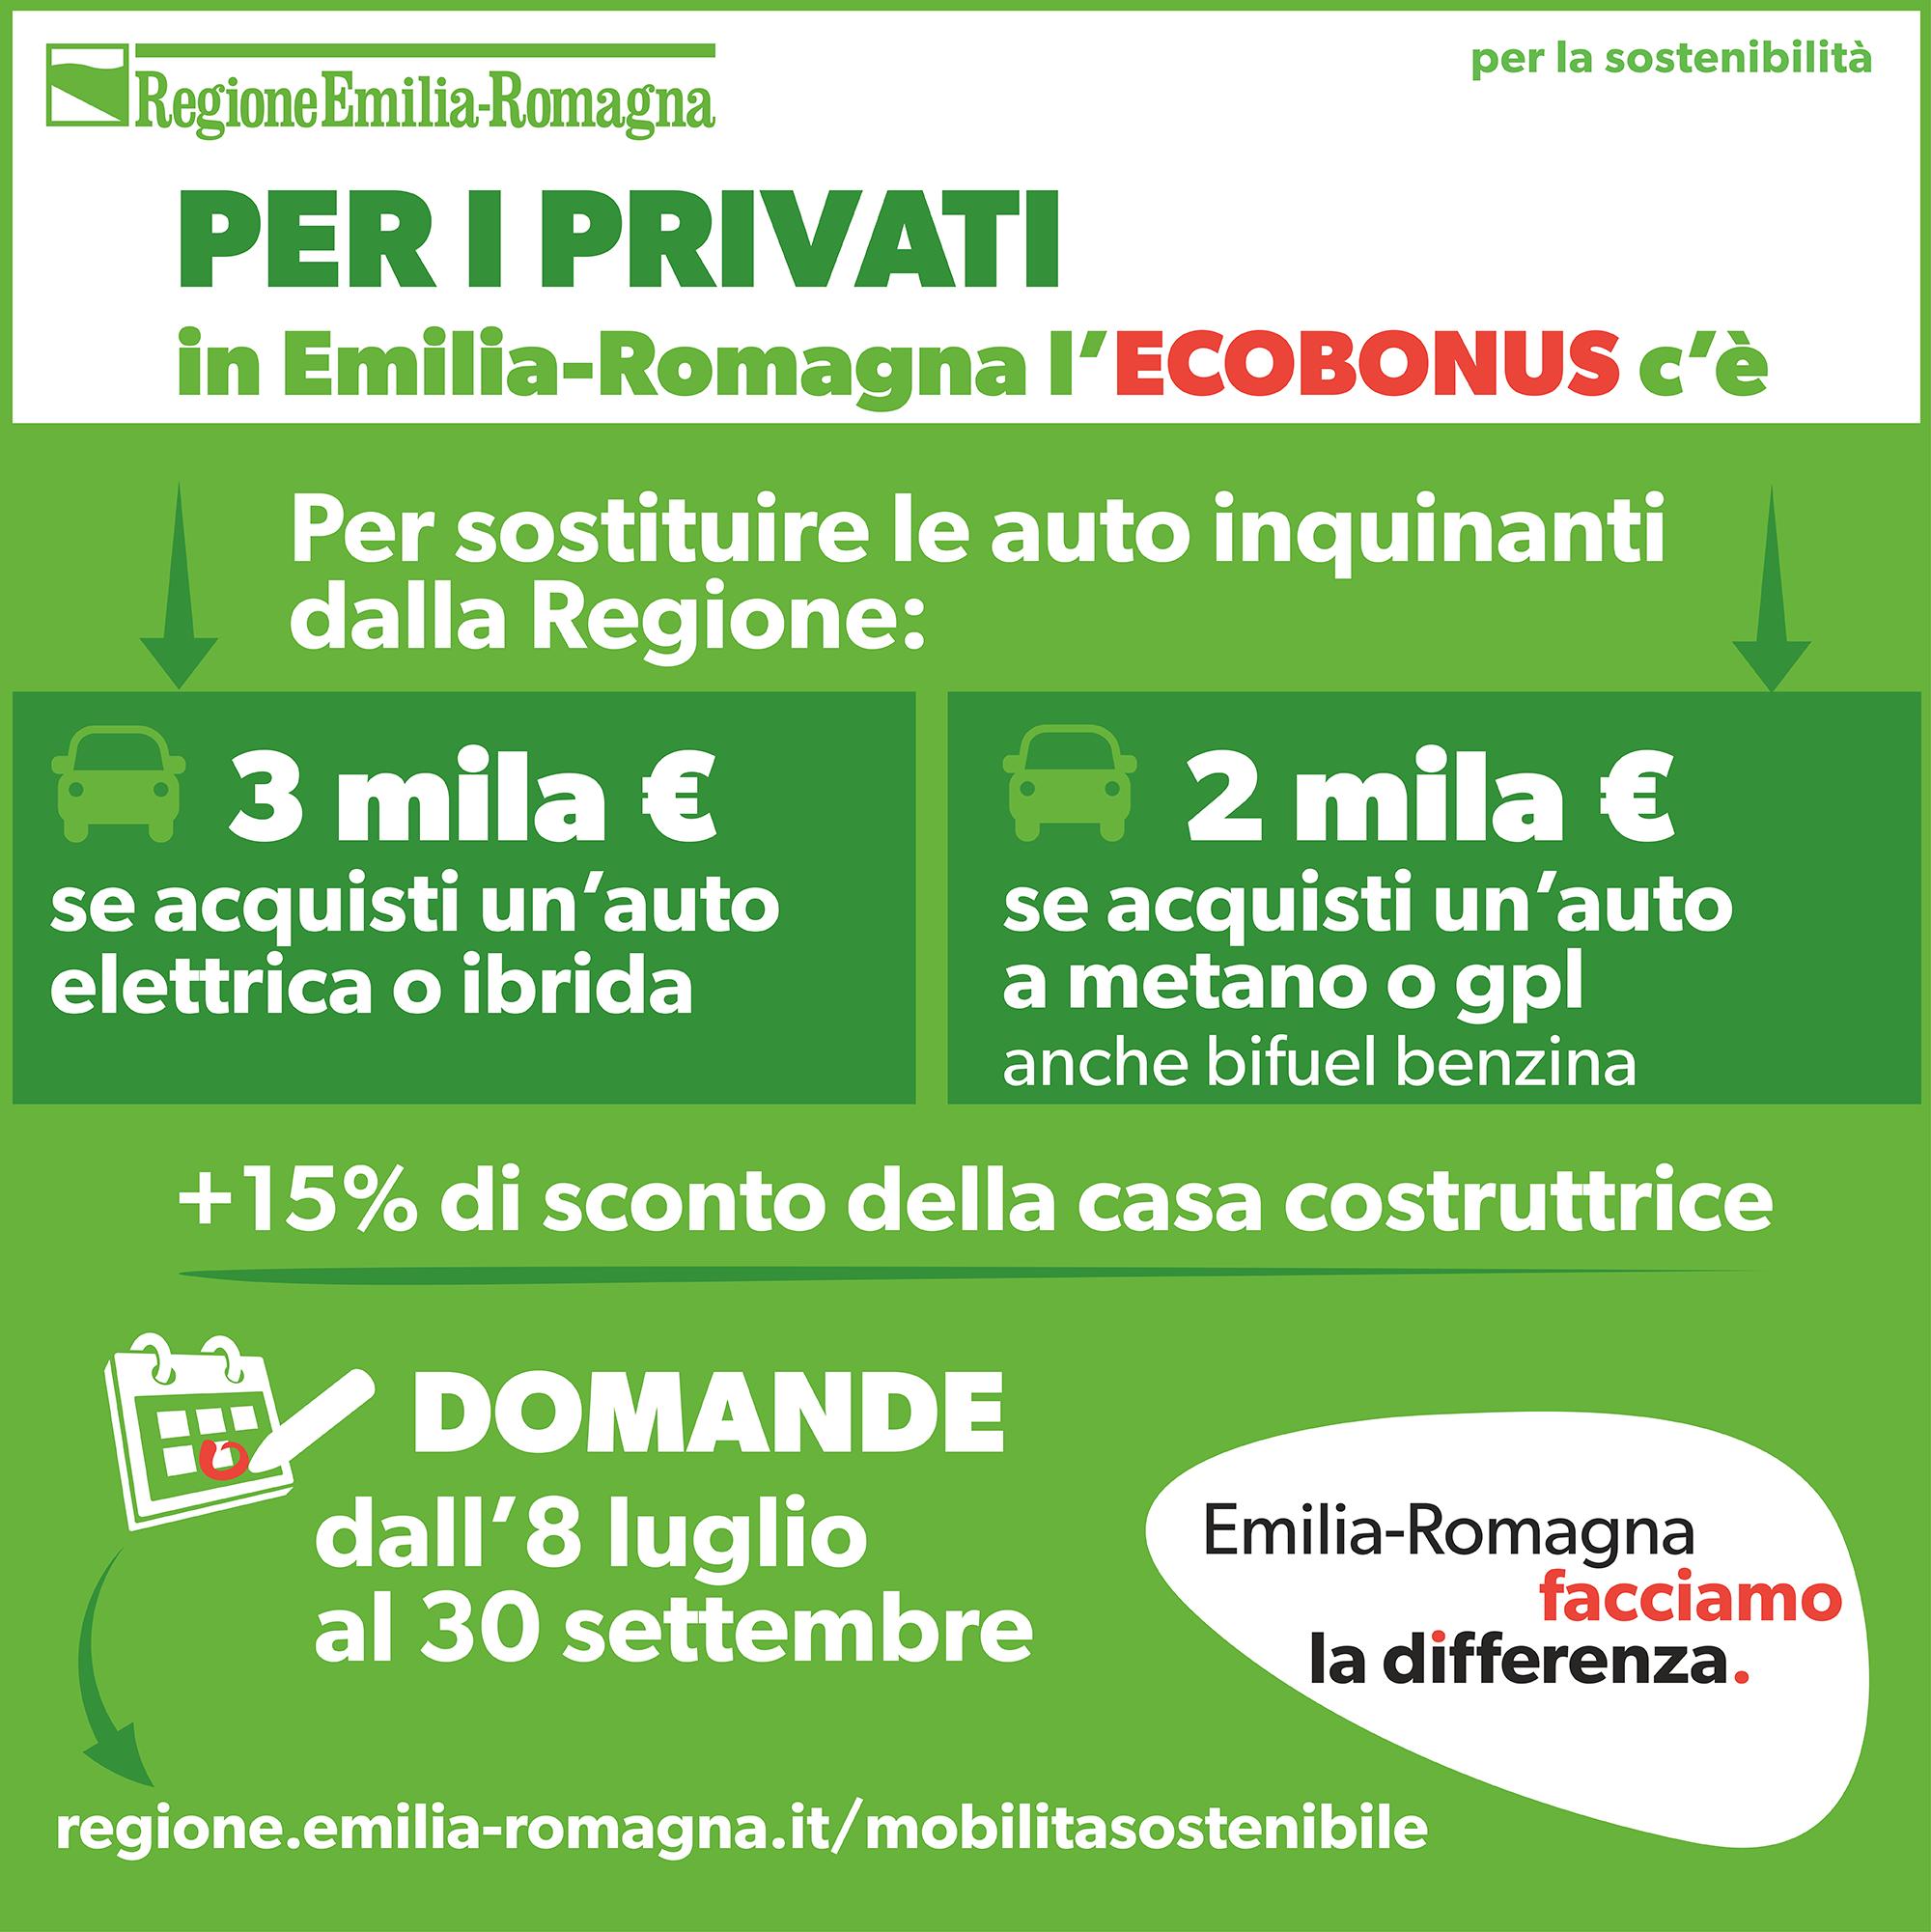 Ecobonus per i privati